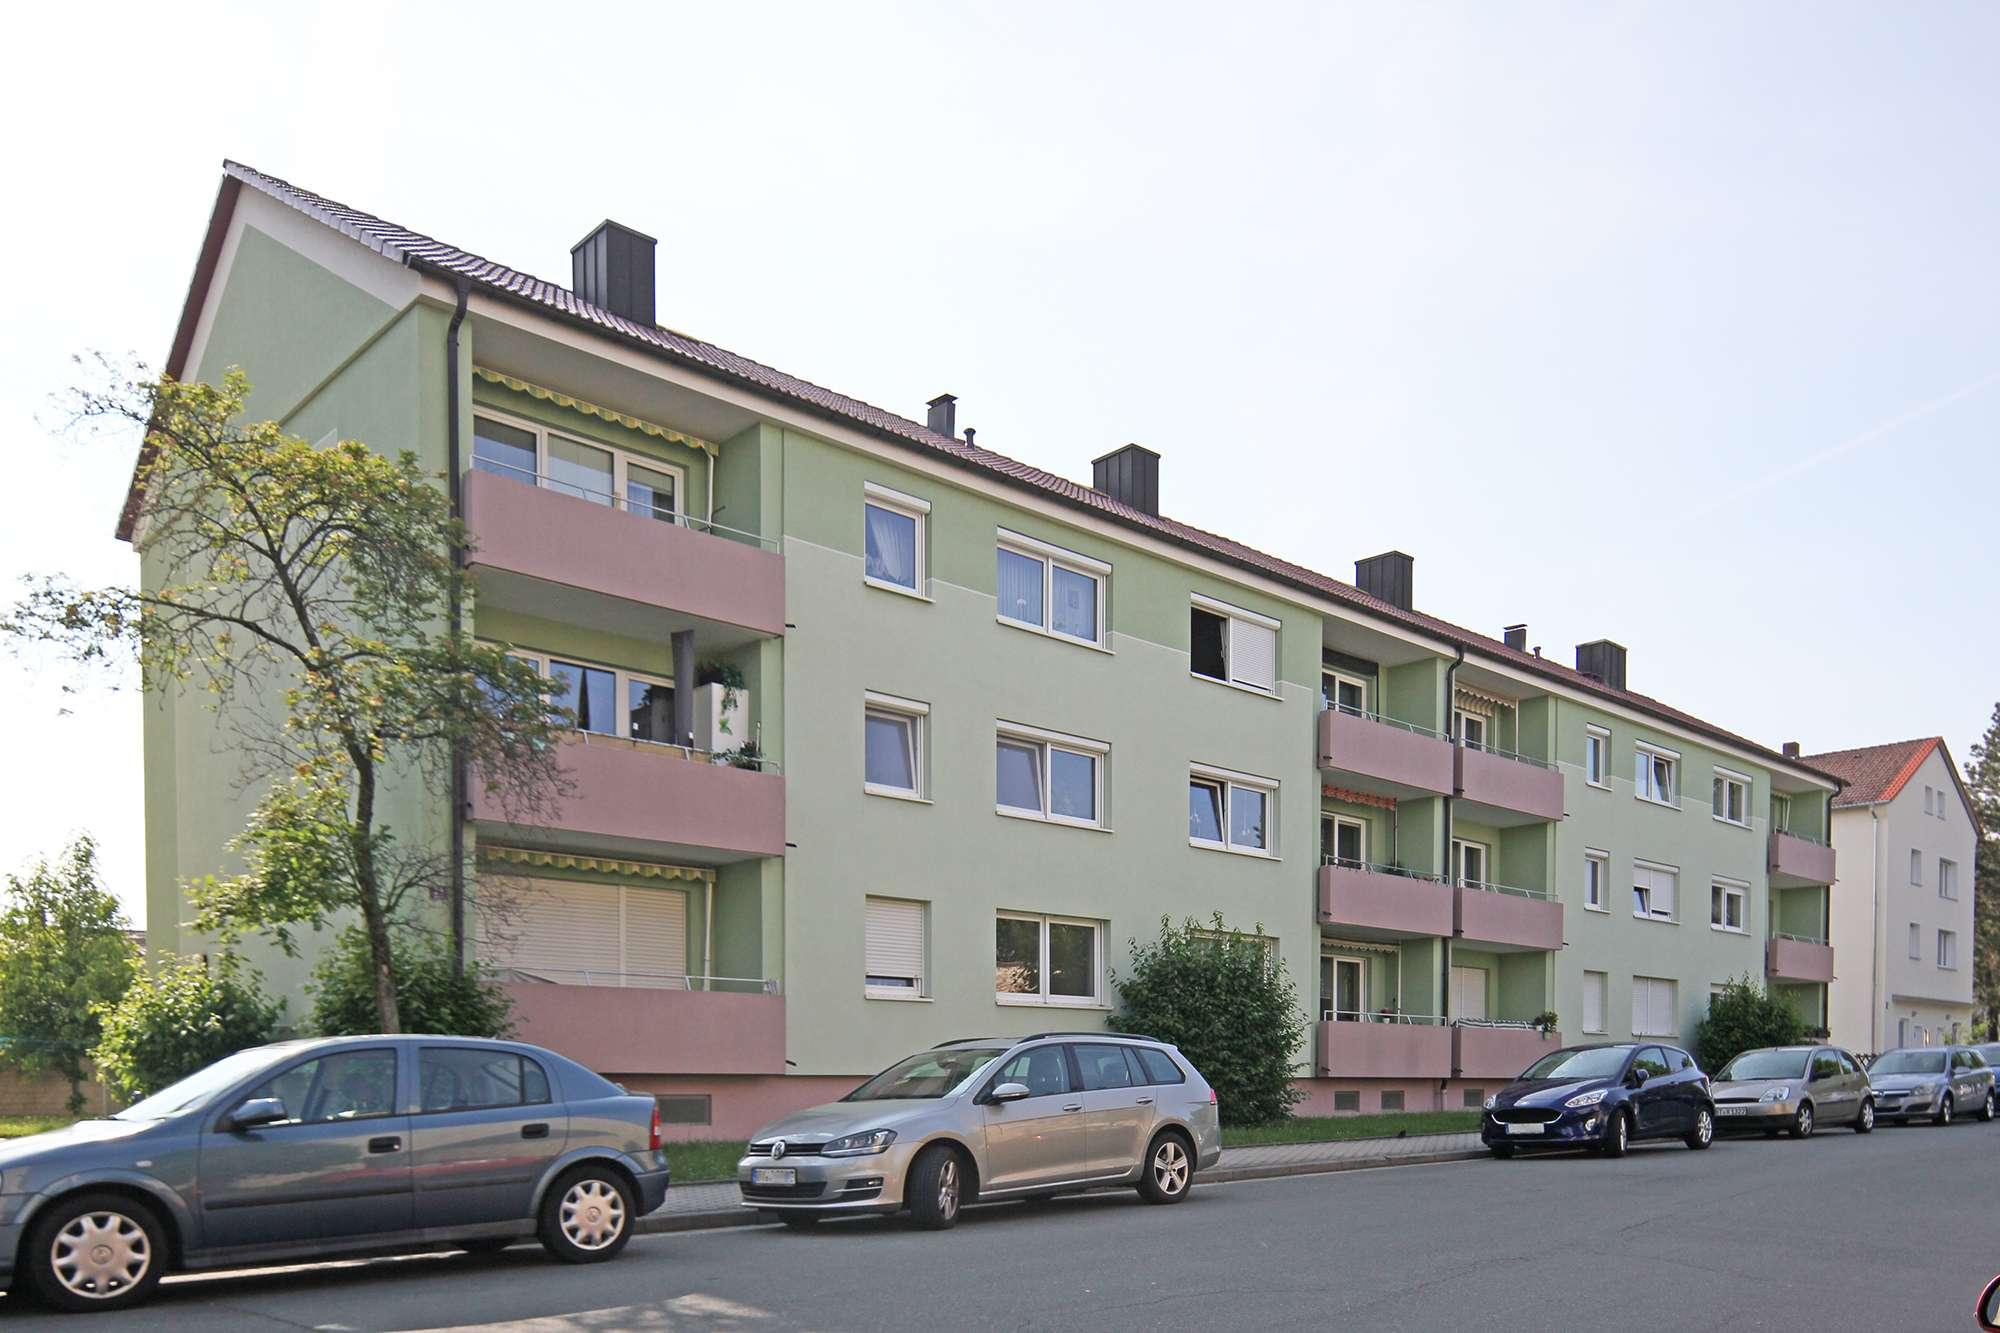 2020 sanierte 4-Zimmer-Mietwohnung mit Balkon und Garage in zentraler Lage!